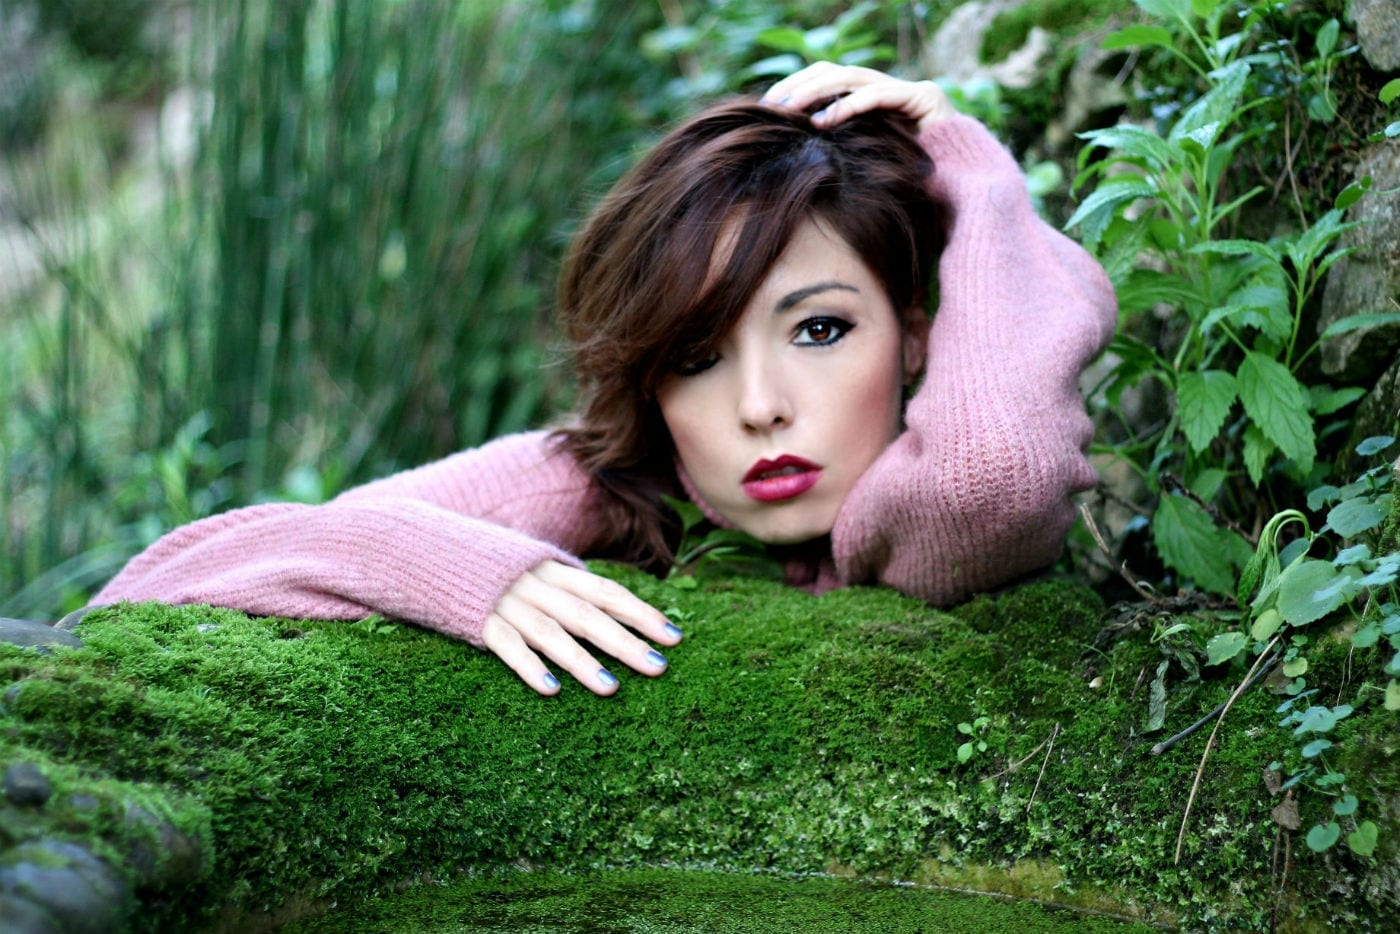 theladycracy.it, elisa bellino, c'è bisogno d'innamorarsi, flaneur, fashion blogger italiane famose, elisa bellino moda blogger, maglioni invernali caldi